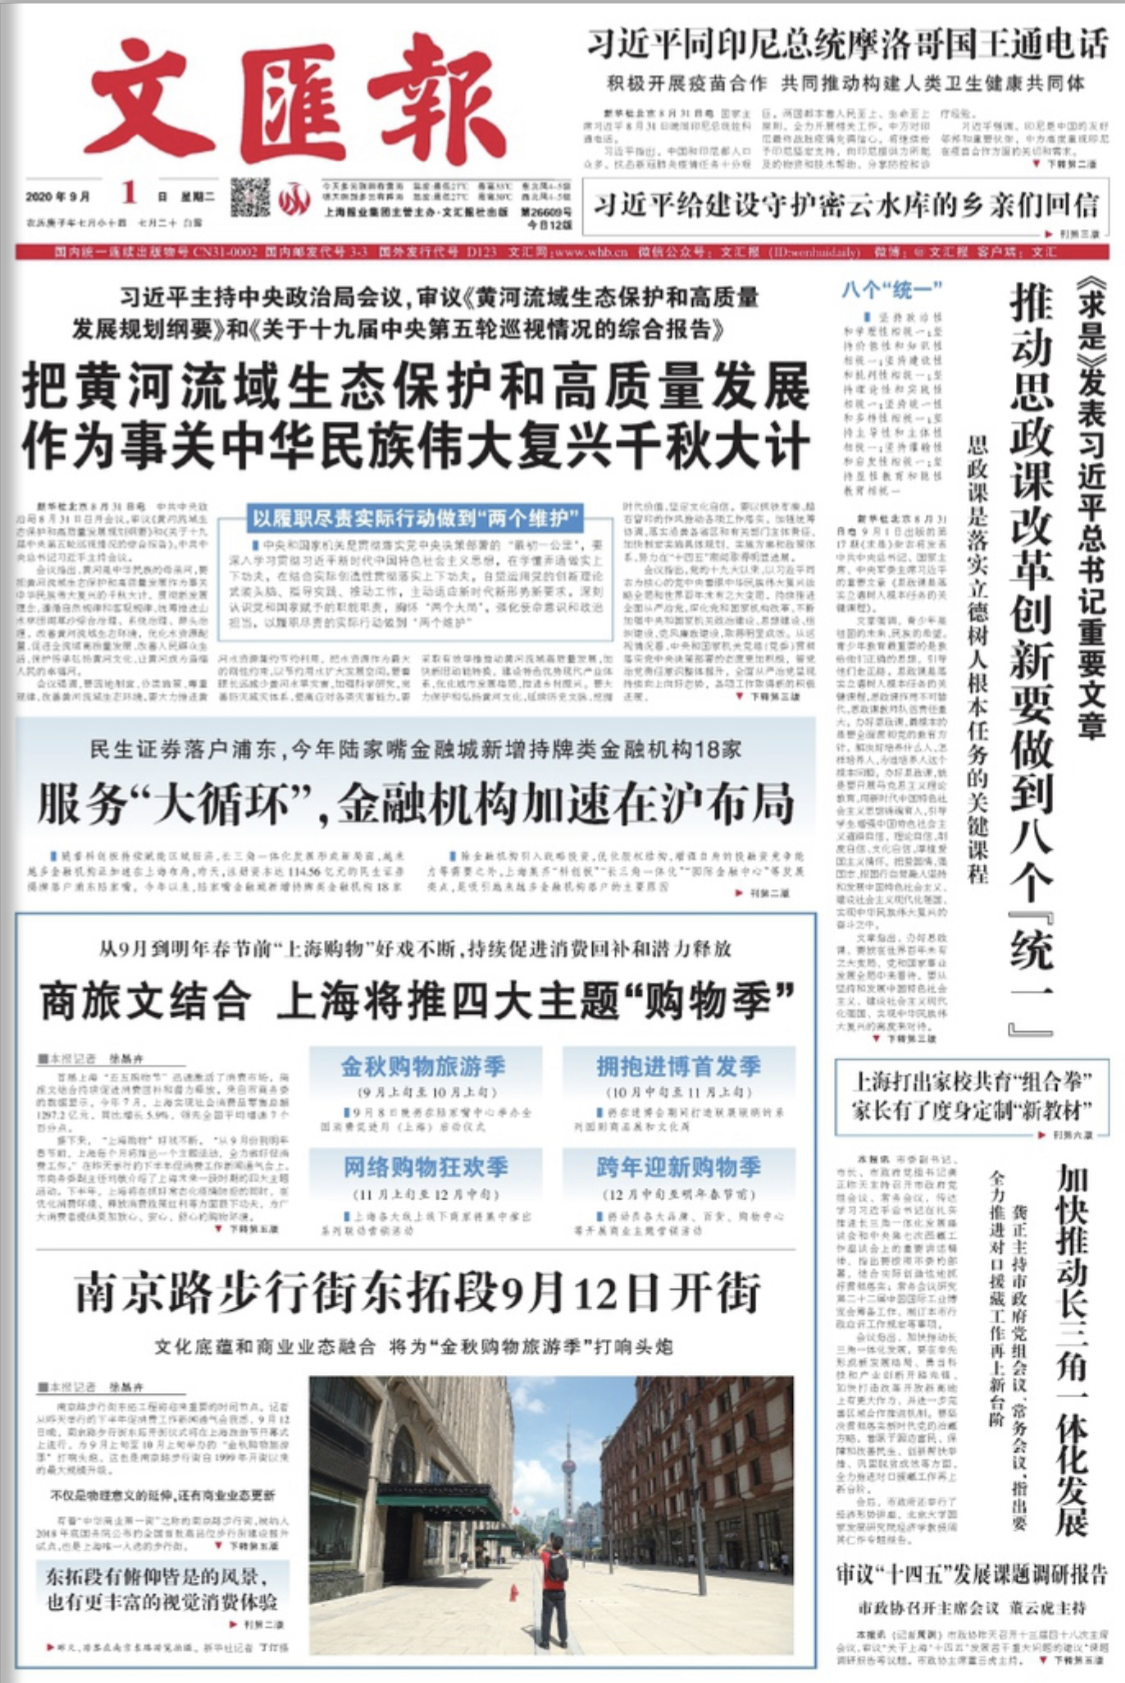 文汇早读|西部战区新闻发言人:中国军队正采取必要应对措施